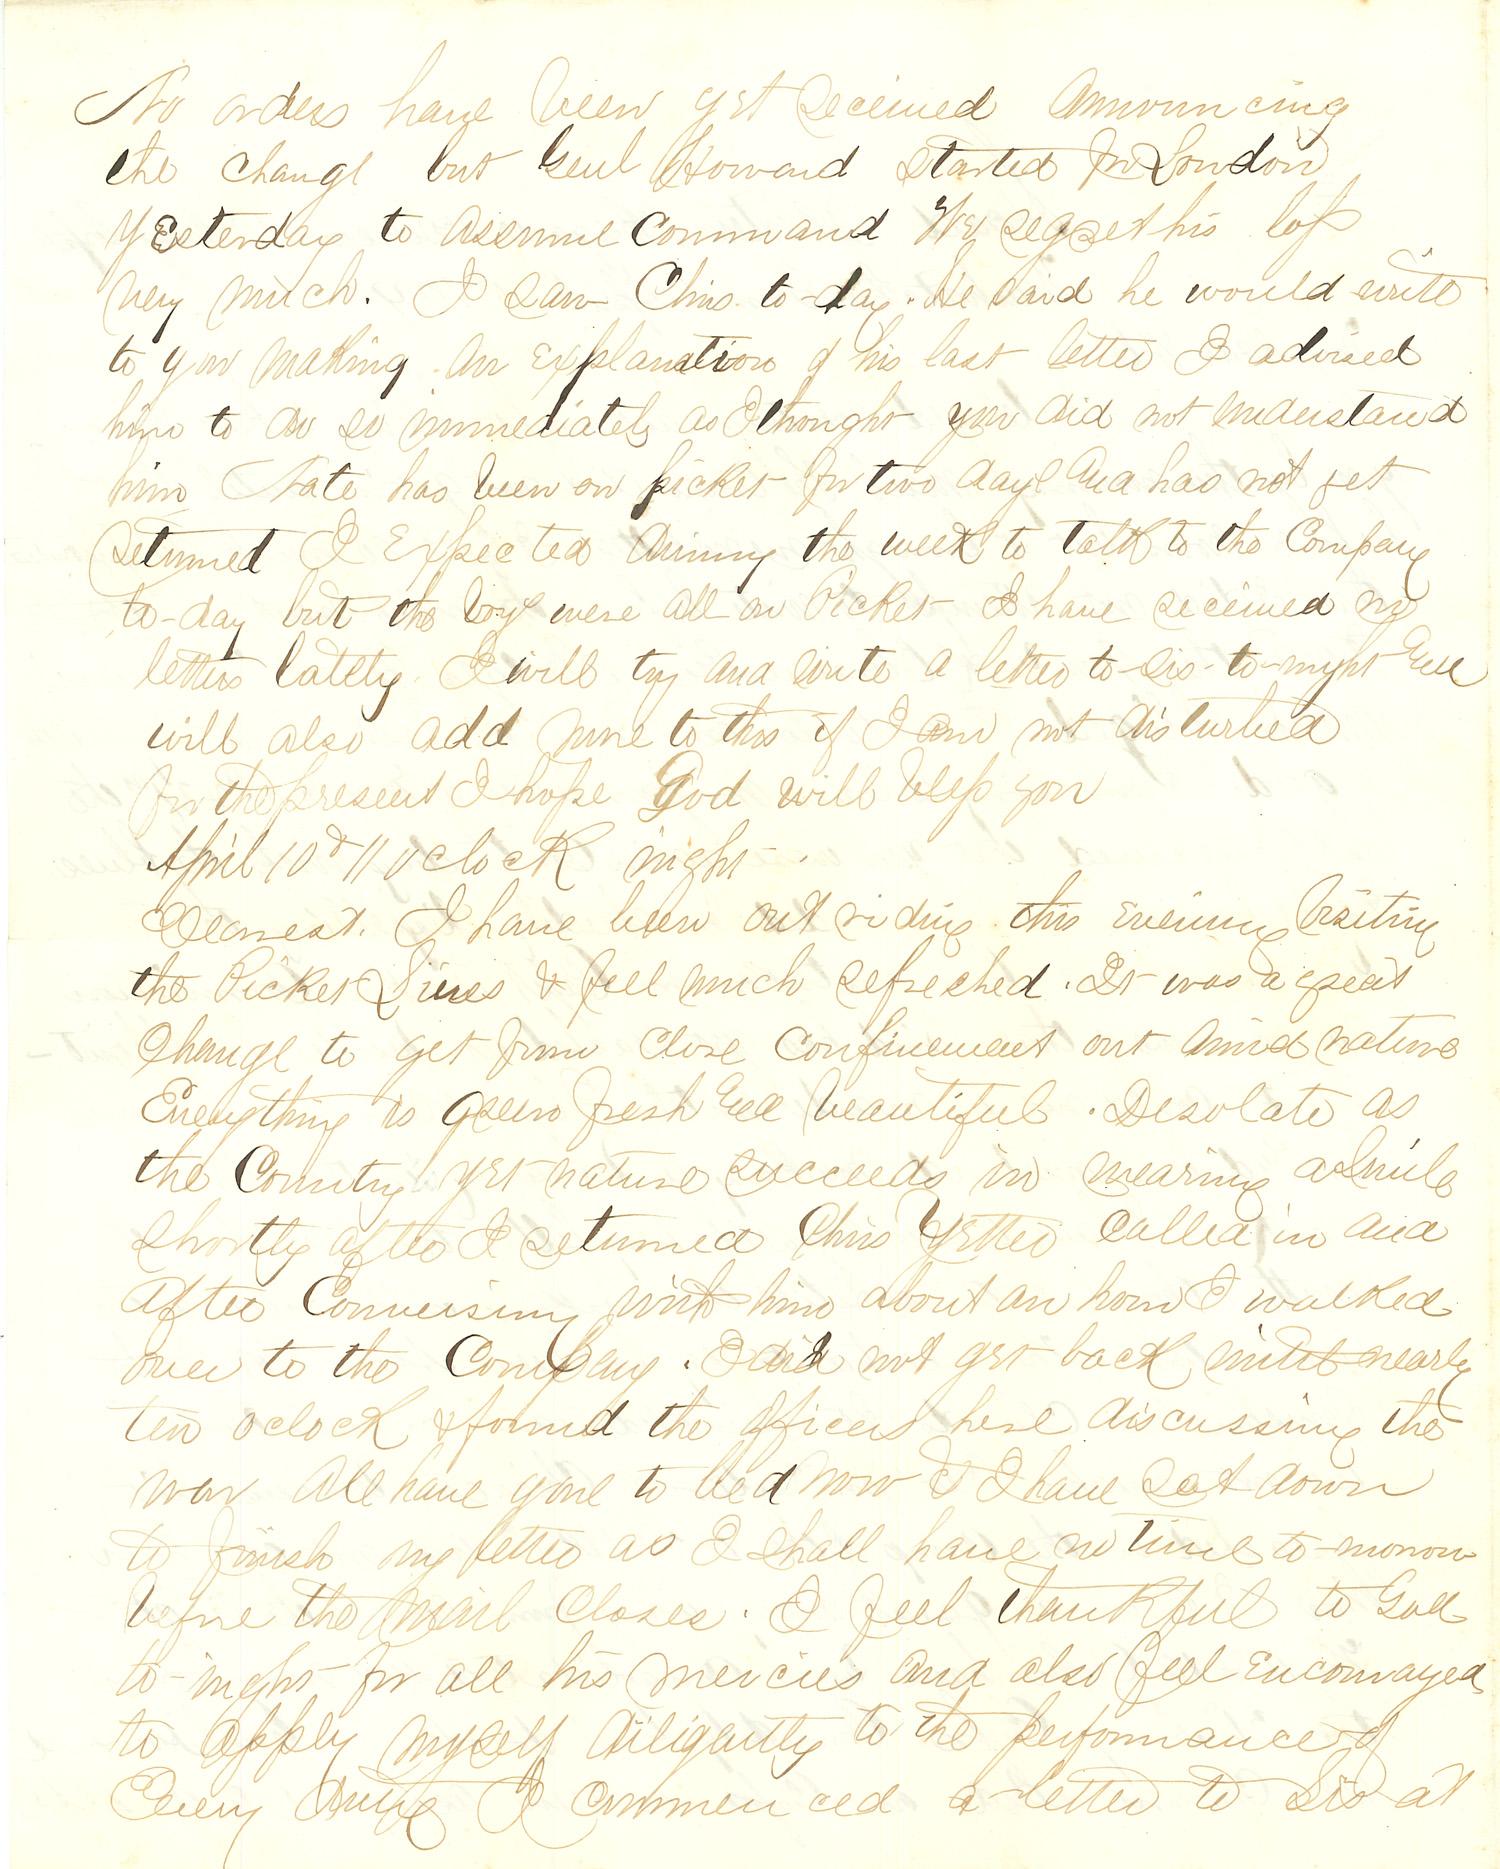 Joseph Culver Letter, April 10, 1864, Page 2